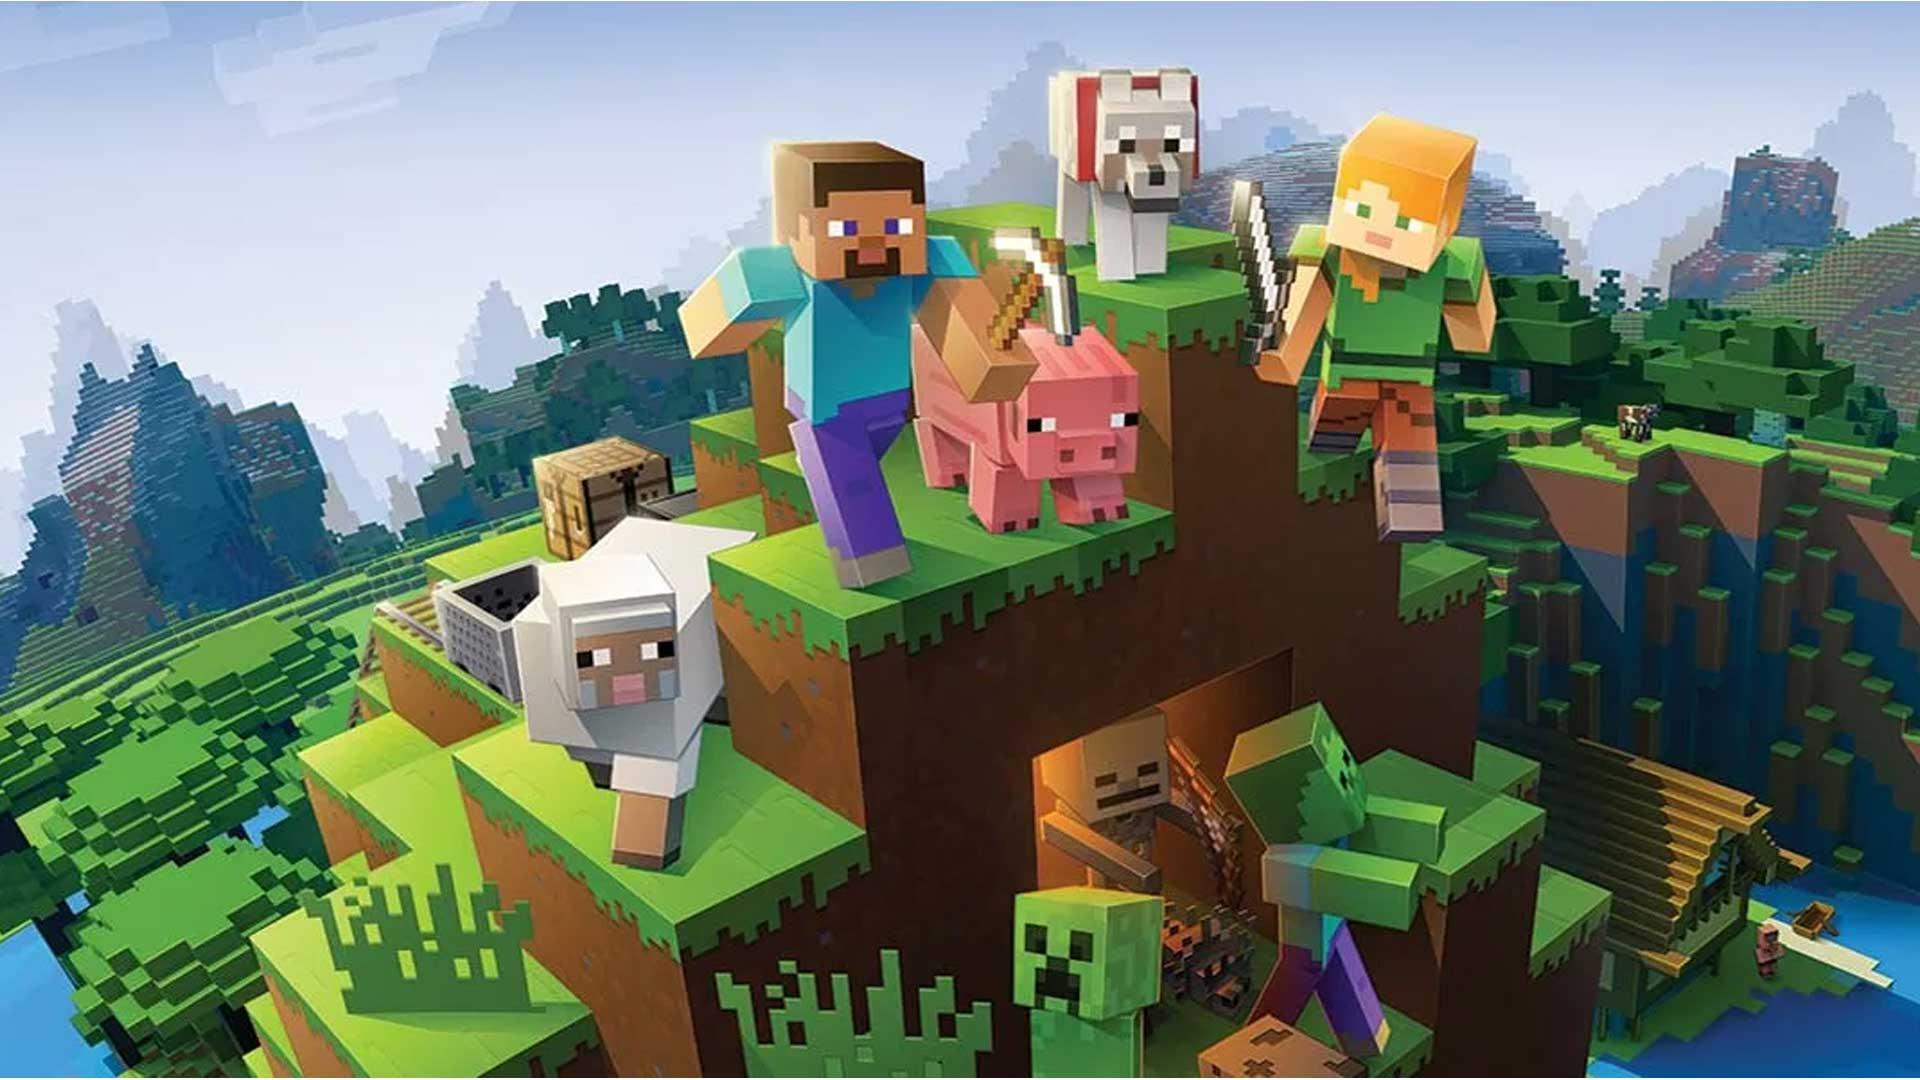 Обзор игры Minecraft - плюсы и минусы игры, сюжет